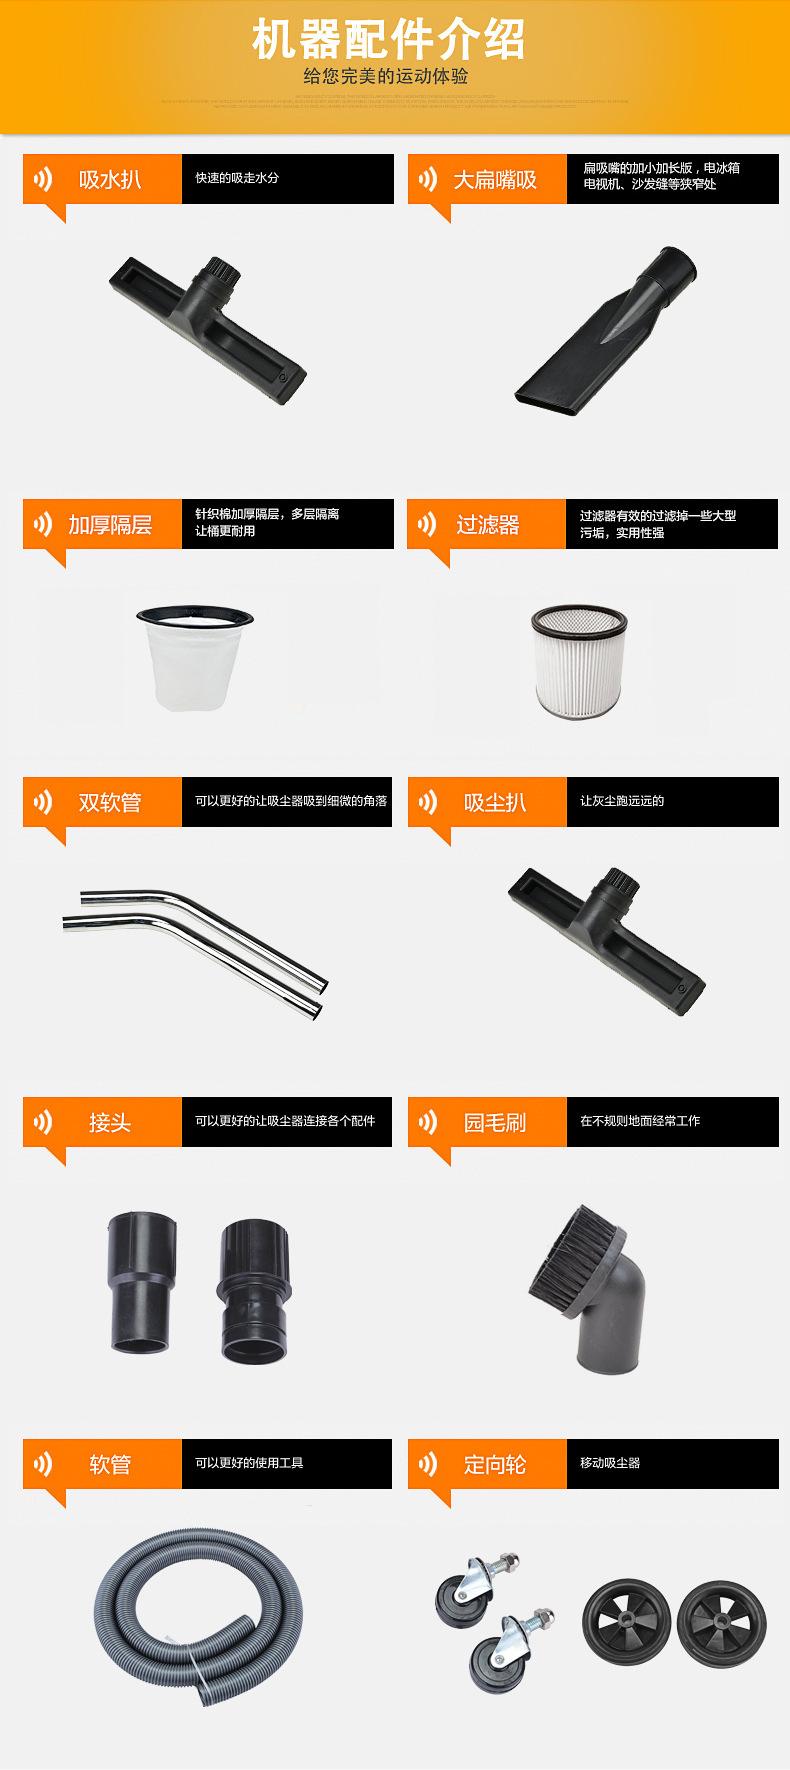 厂家直销吸石墨粉尘吸尘器 移动式脉冲反吹工业吸尘器 铝屑吸尘器示例图12